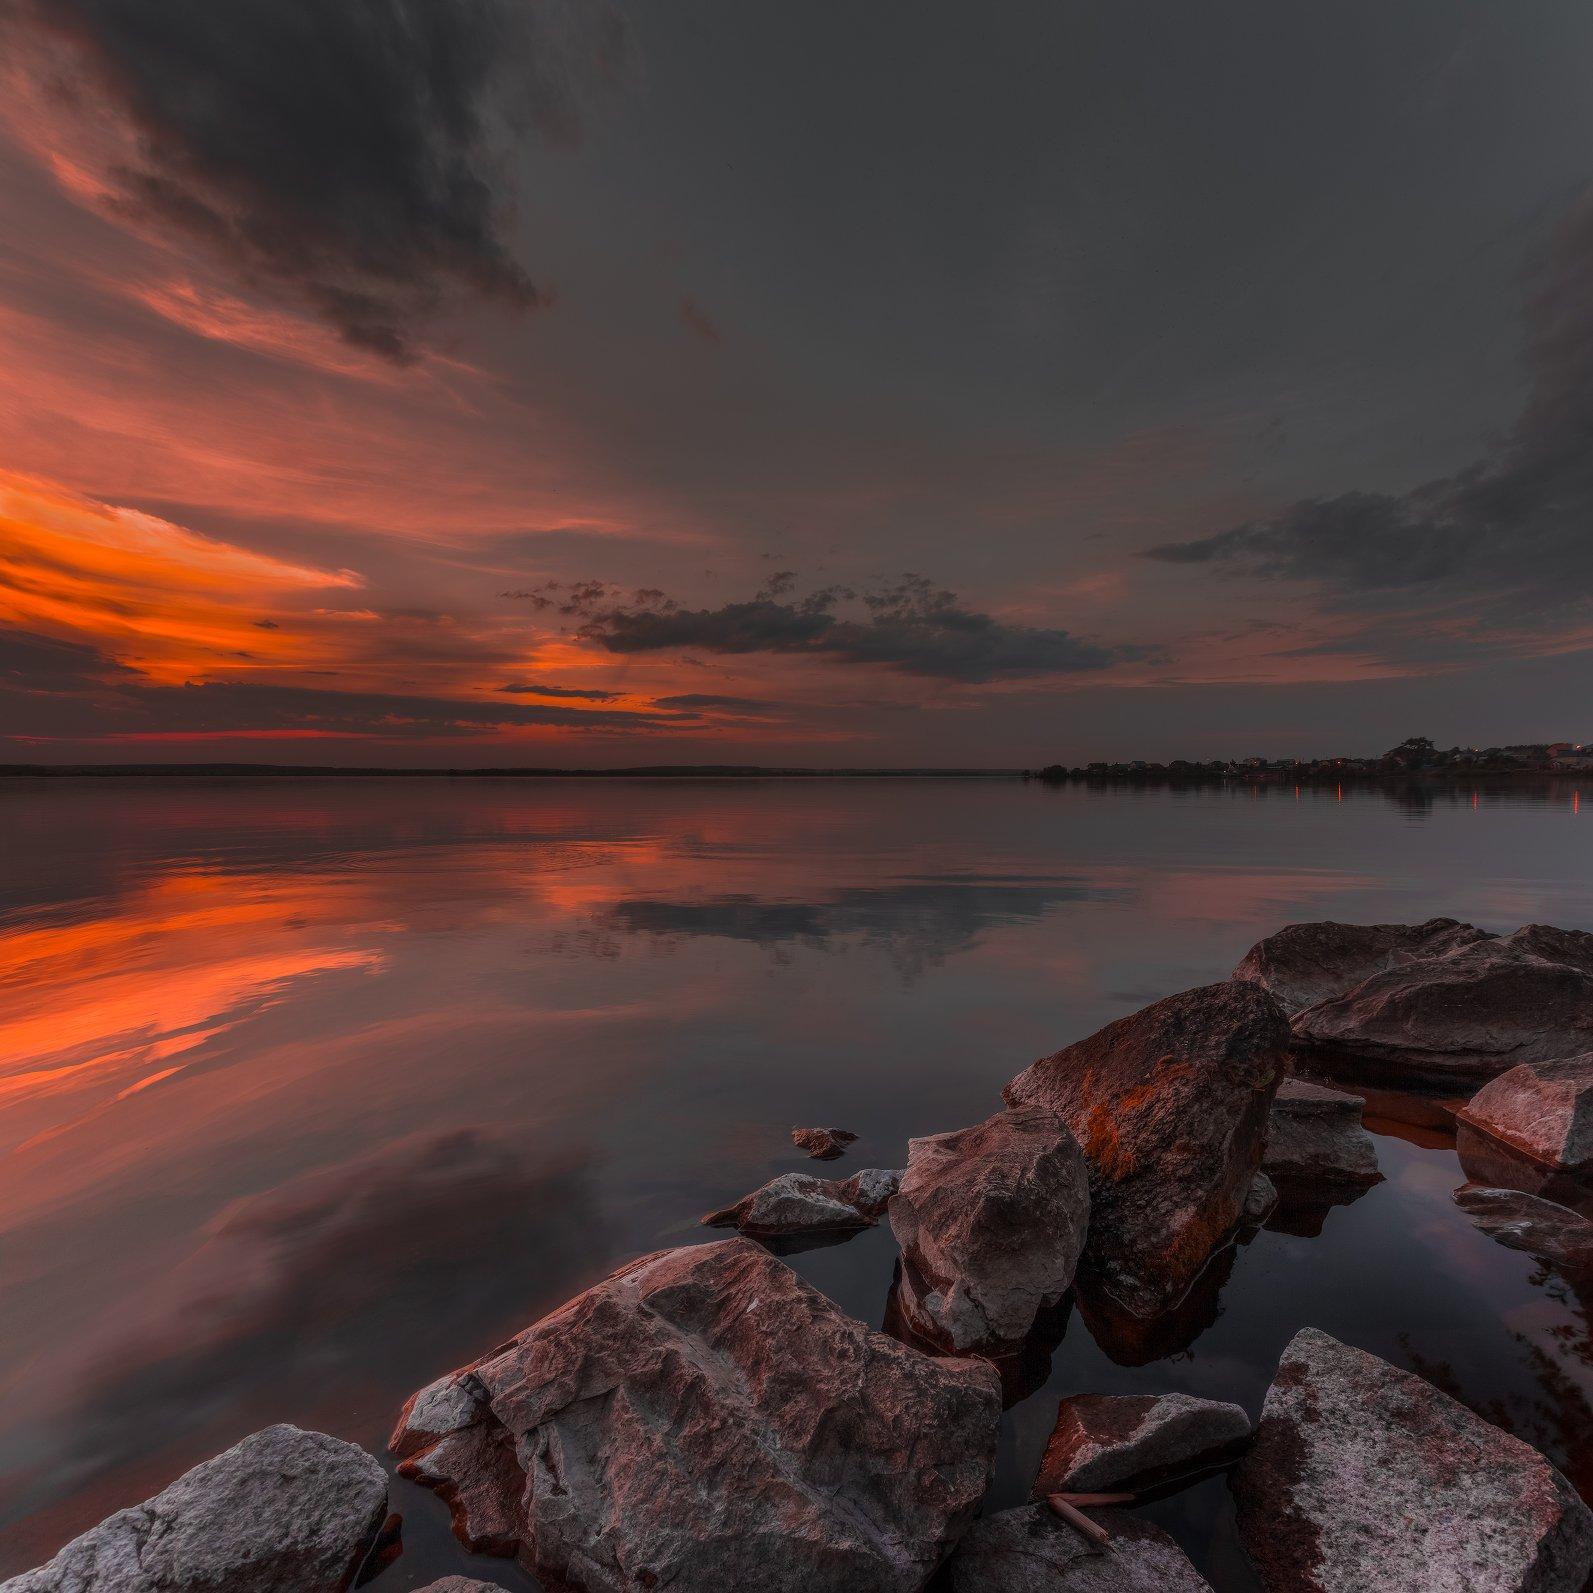 челябинск, сосновка, закат, озеро, облака,  t_berg, Михаил Трахтенберг ( t_berg )